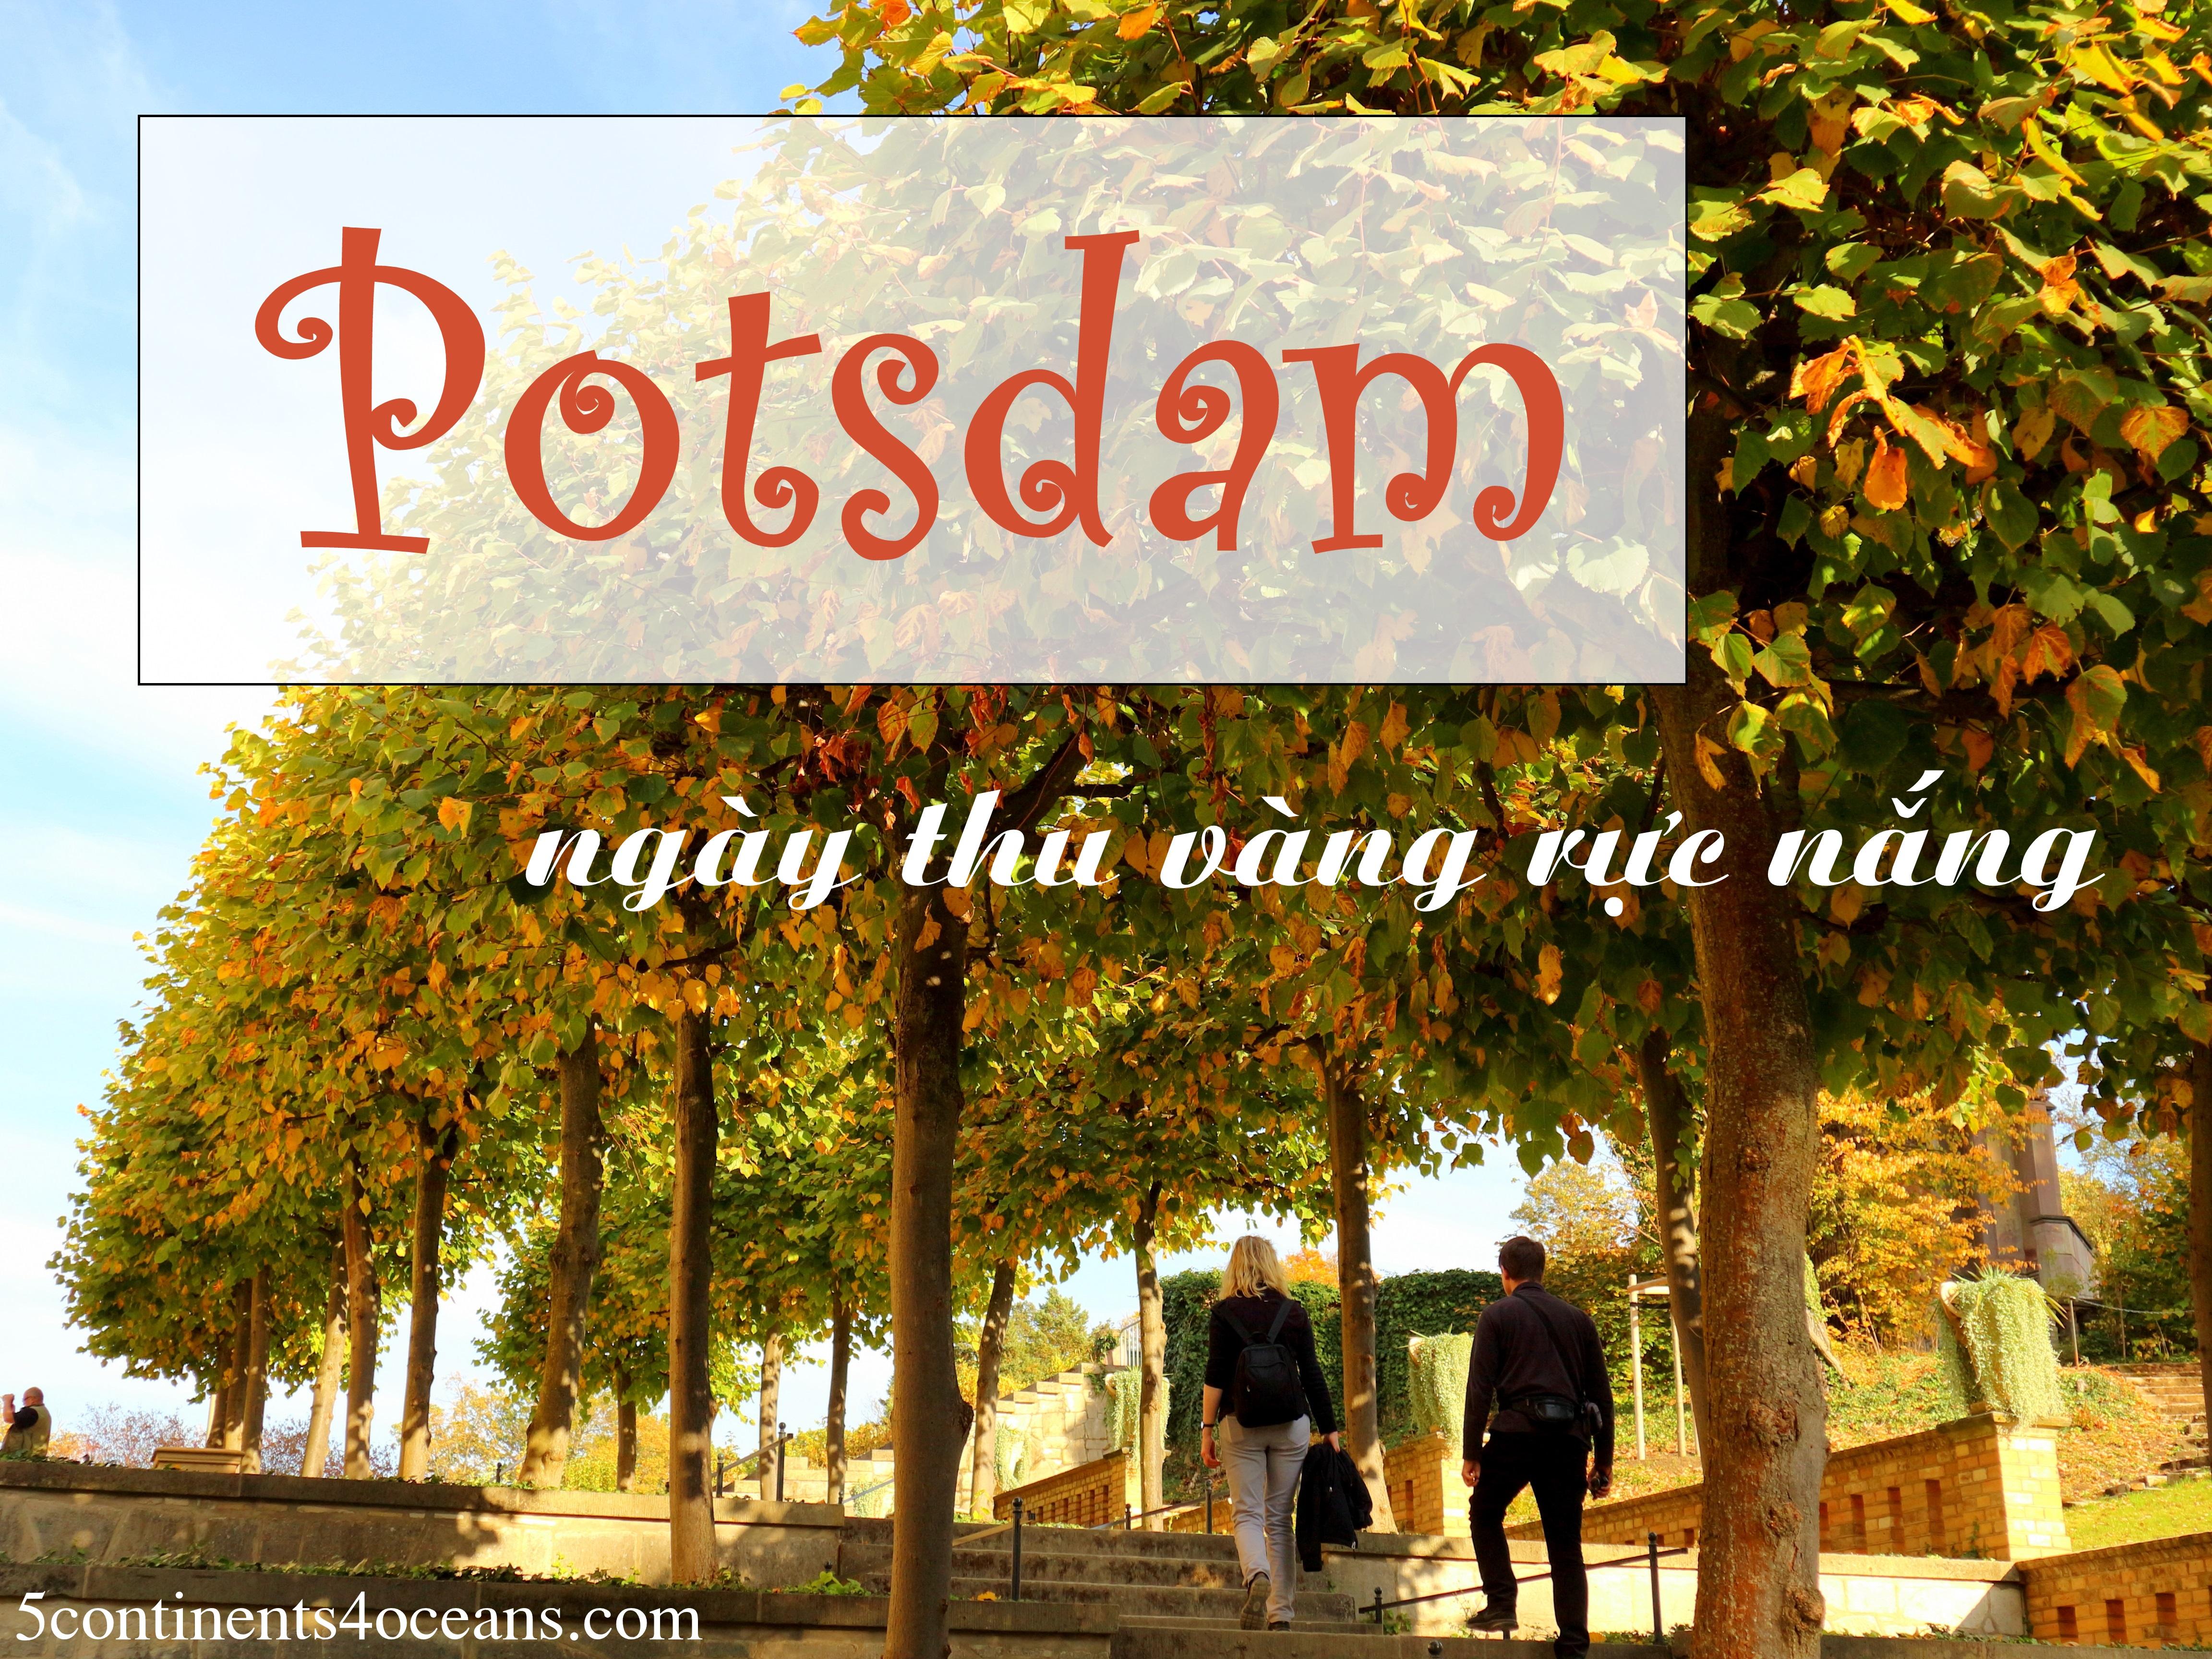 Potsdam – Ngày thu vàng rực nắng